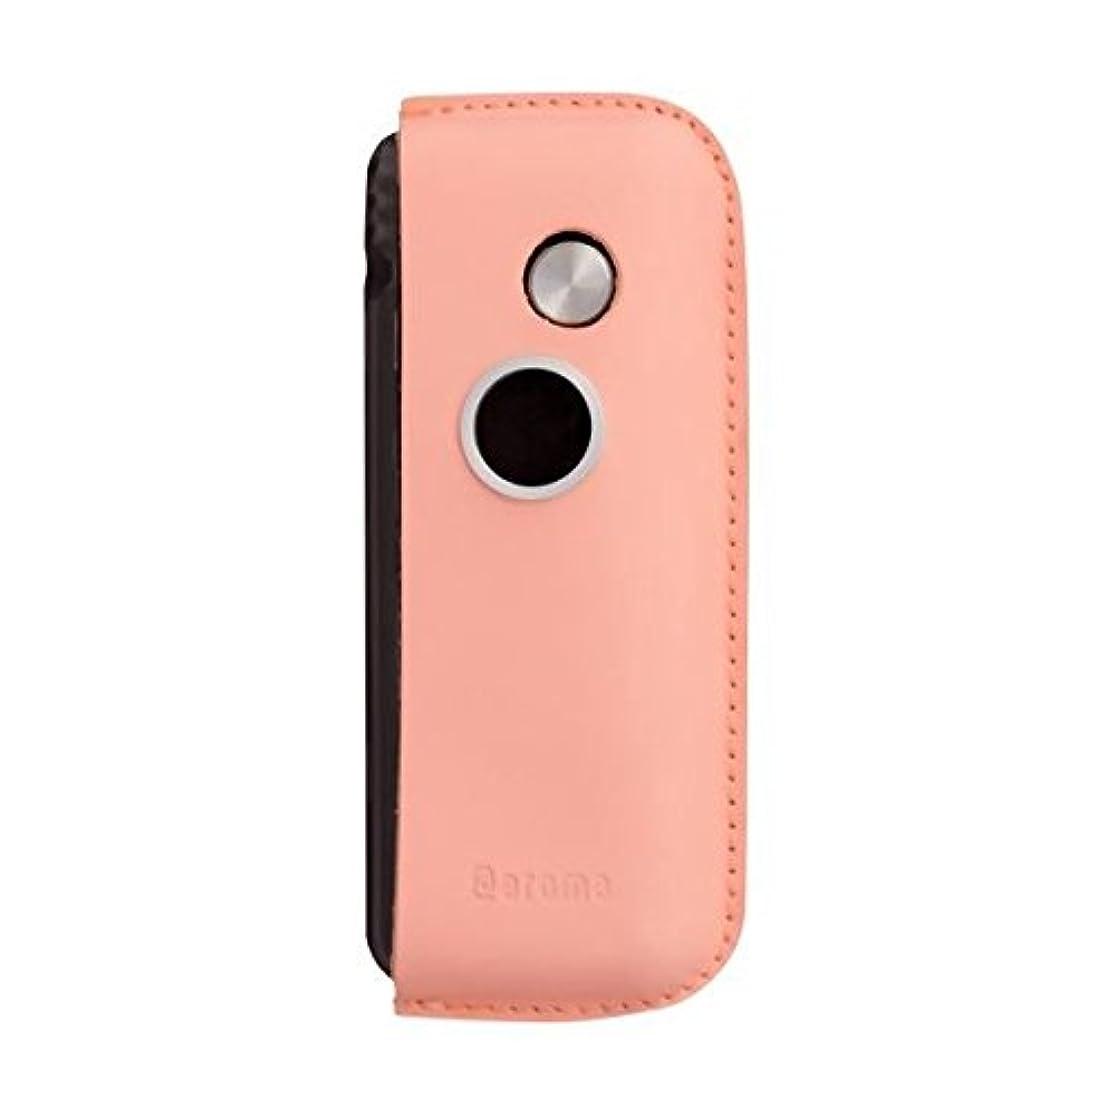 ファンファン(ピンク)&人気のアロマset【モバイルディフューザー funfan+AromaOil】mobile diffuser (フレッシュハーブ)